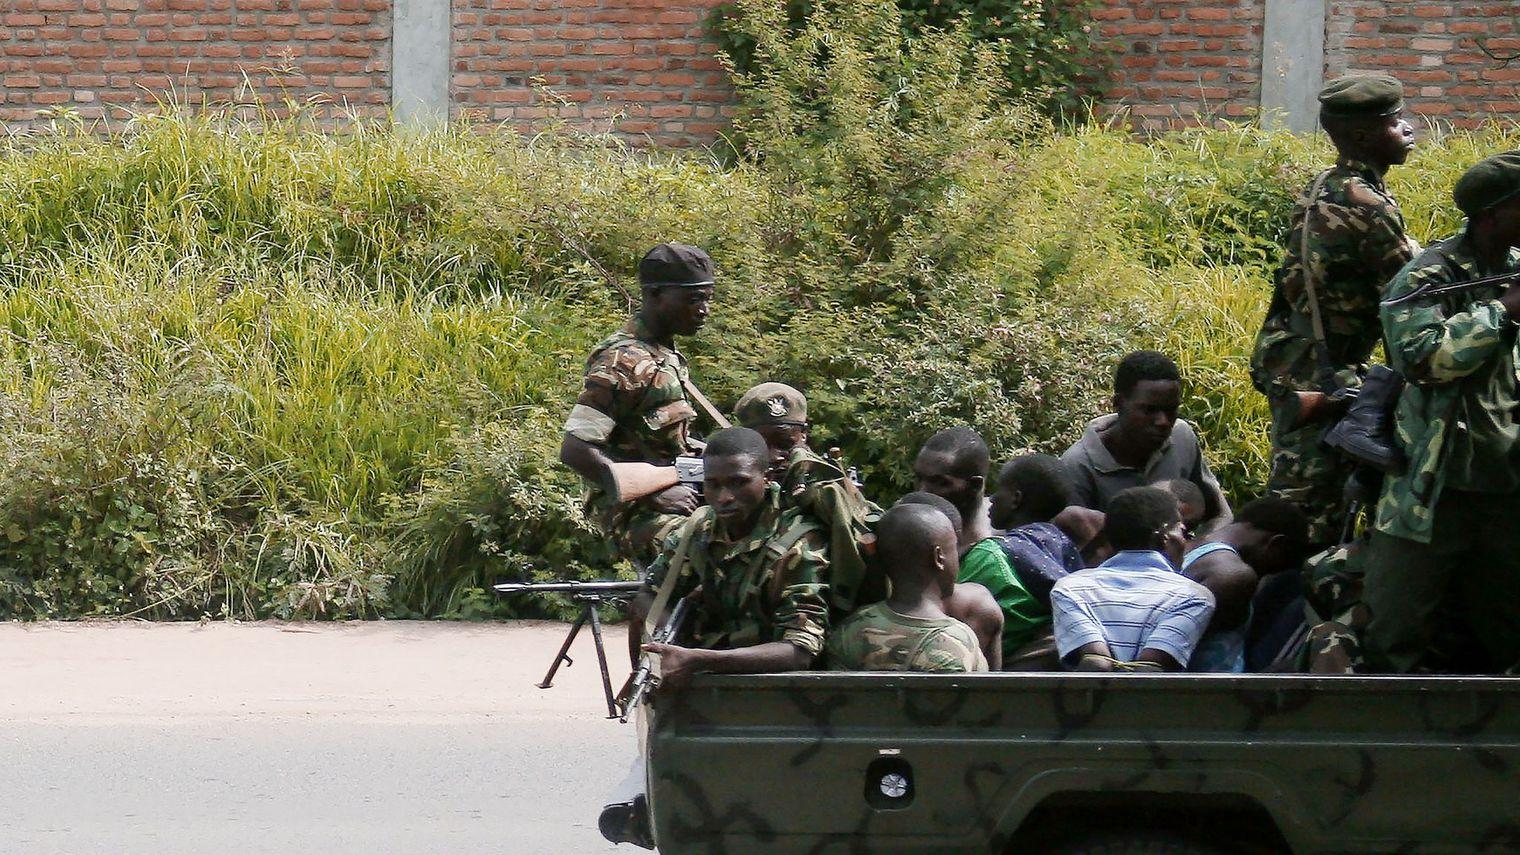 Un vehicule militaire transportant des hommes ligotés circule le 11 décembre 2015 dans le quartier de Musaga à Bujumbura.